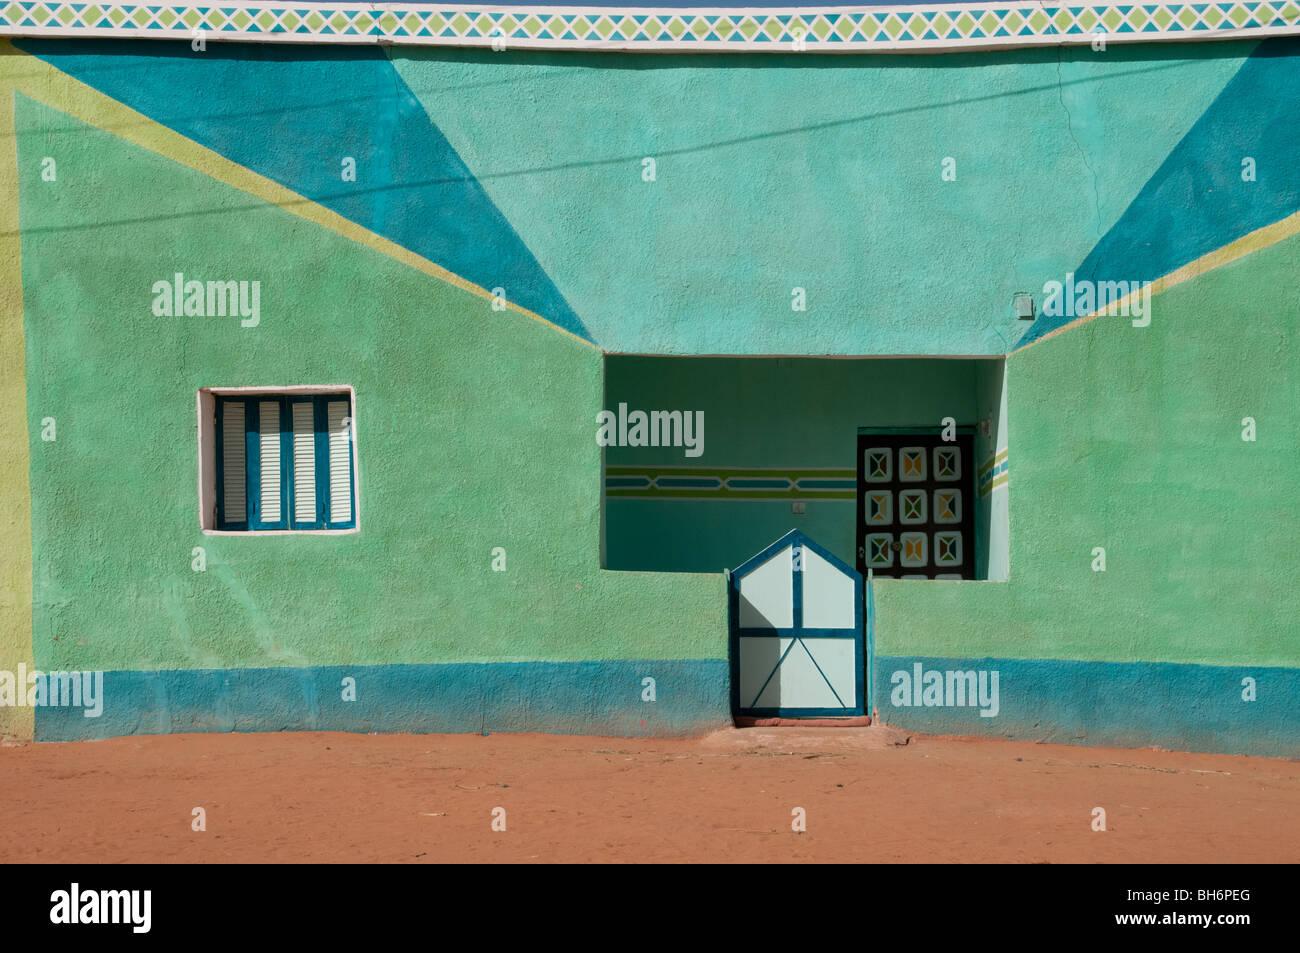 Una casa colorata nel deserto villaggio di Balat in Egitto di Dakhla Oasis. Immagini Stock